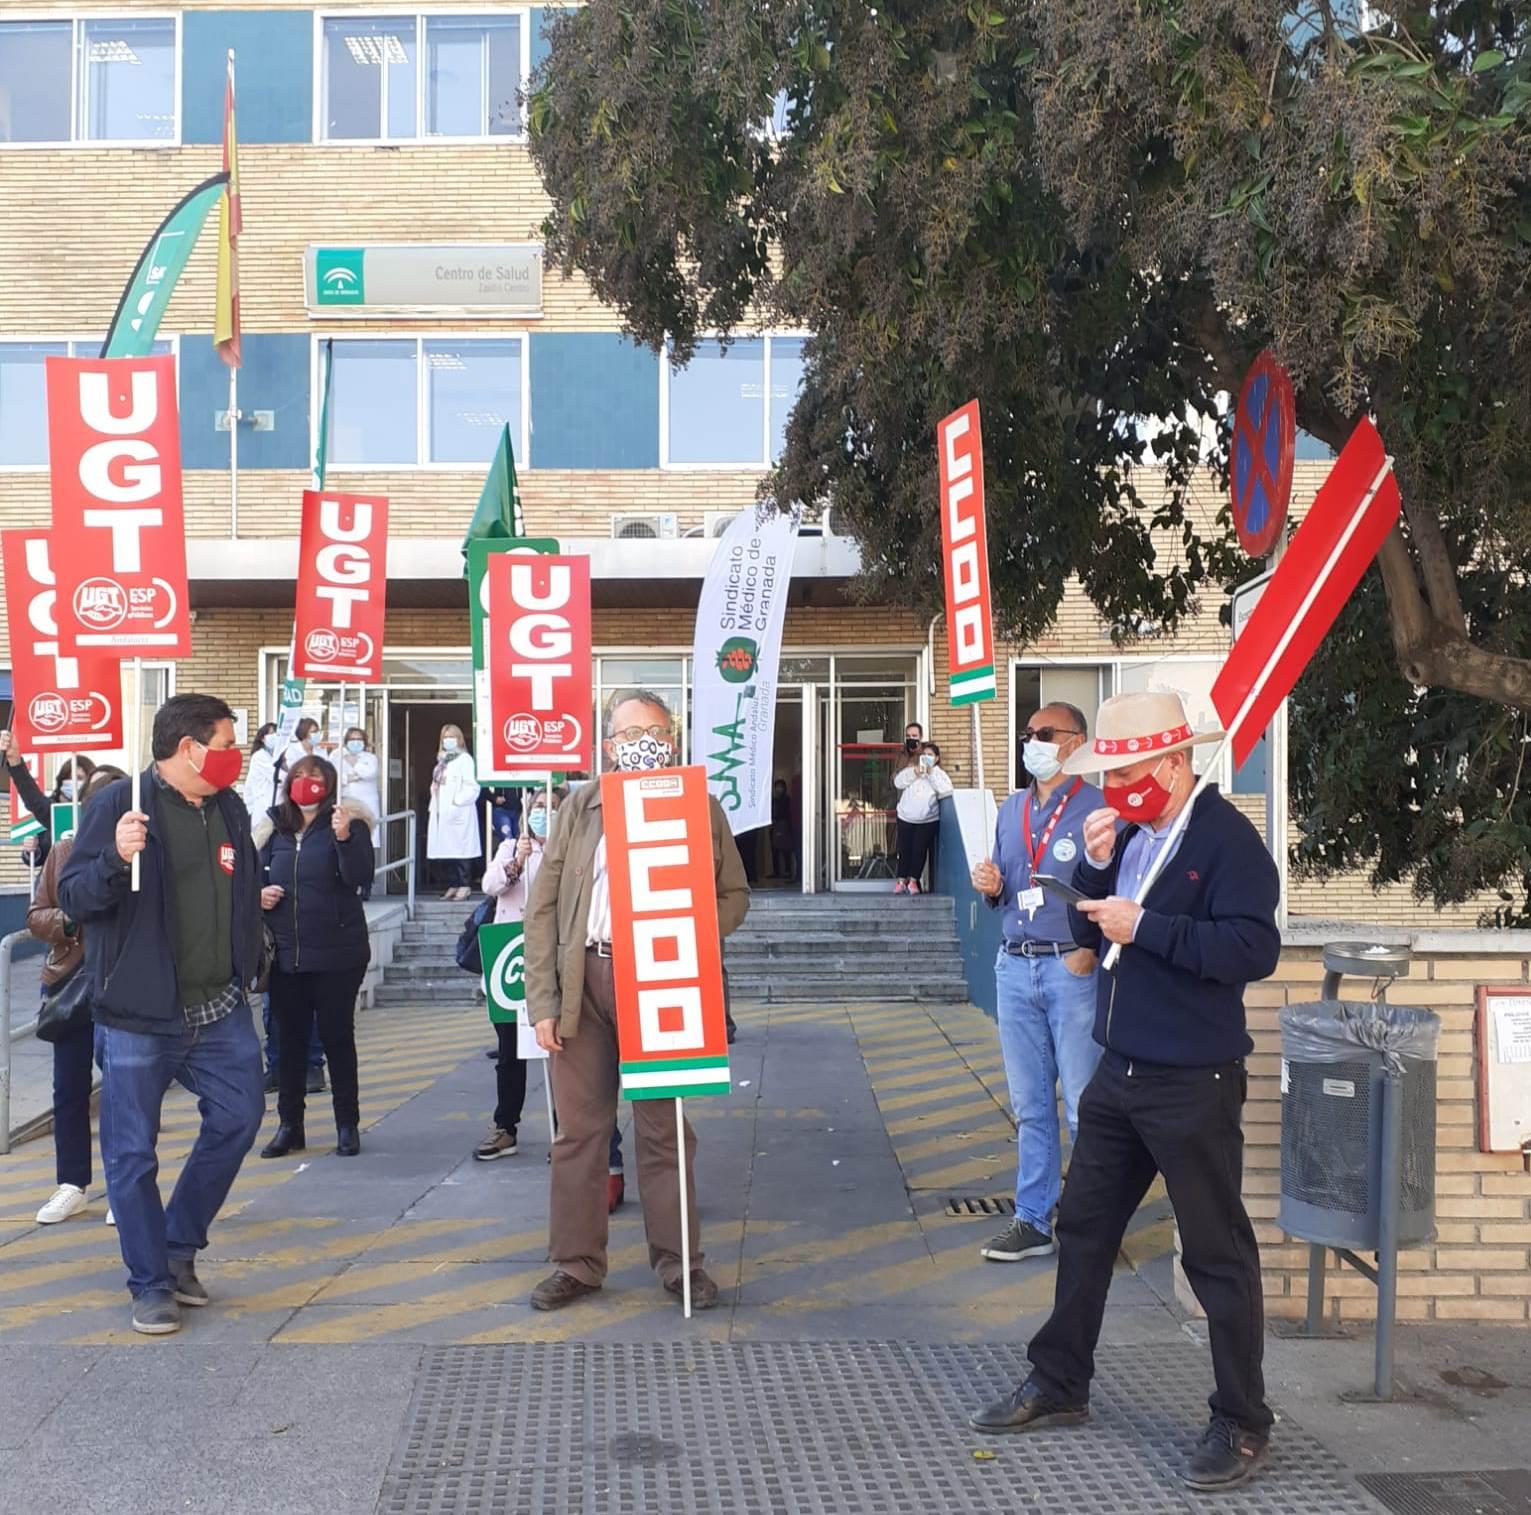 Concentraciones frente a centros sanitarios para que la Junta derogue la orden sobre descanso del personal